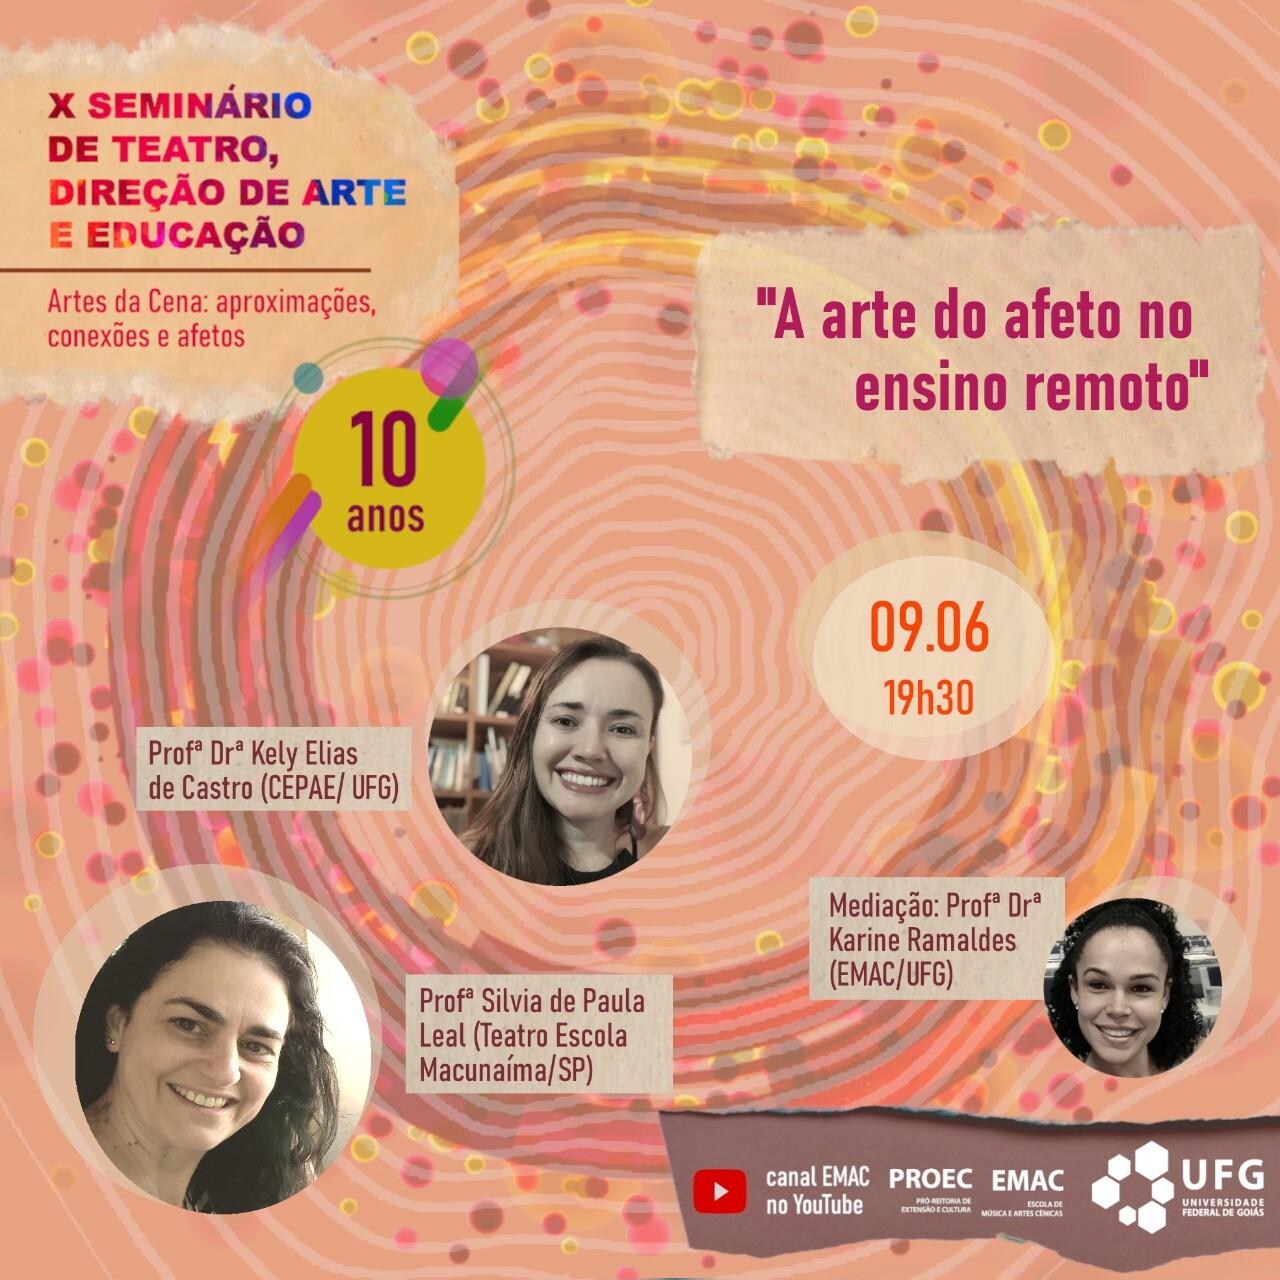 X Seminário de Teatro, Direção de Arte e Educação (5)